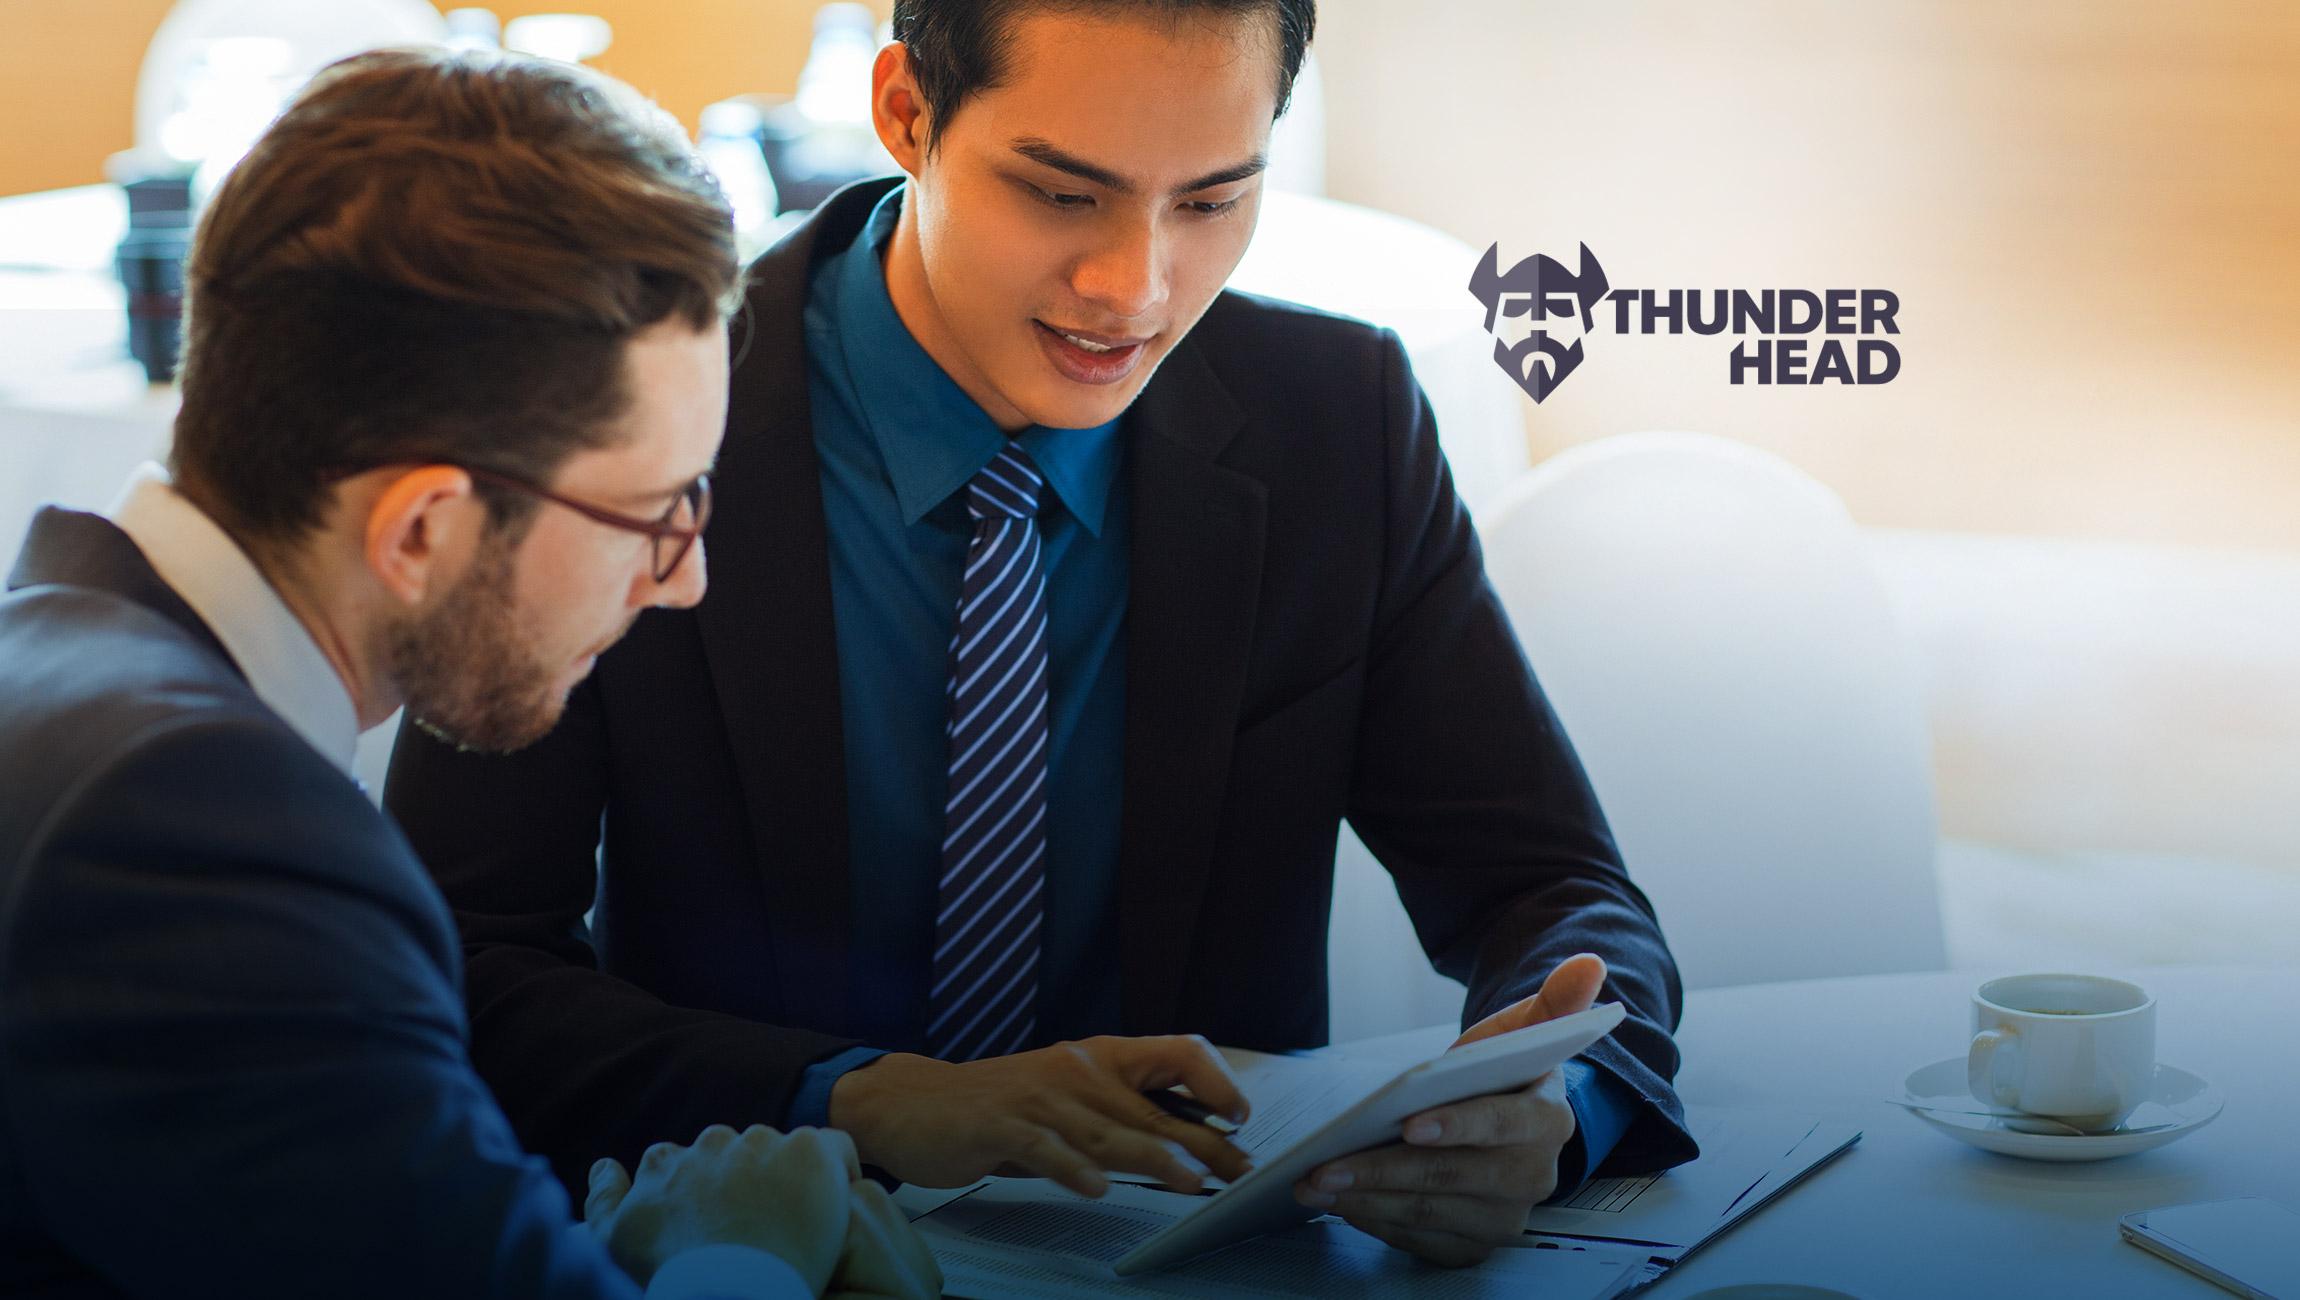 Thunderhead Named A CRM Watchlist 2020 Winner With Distinction